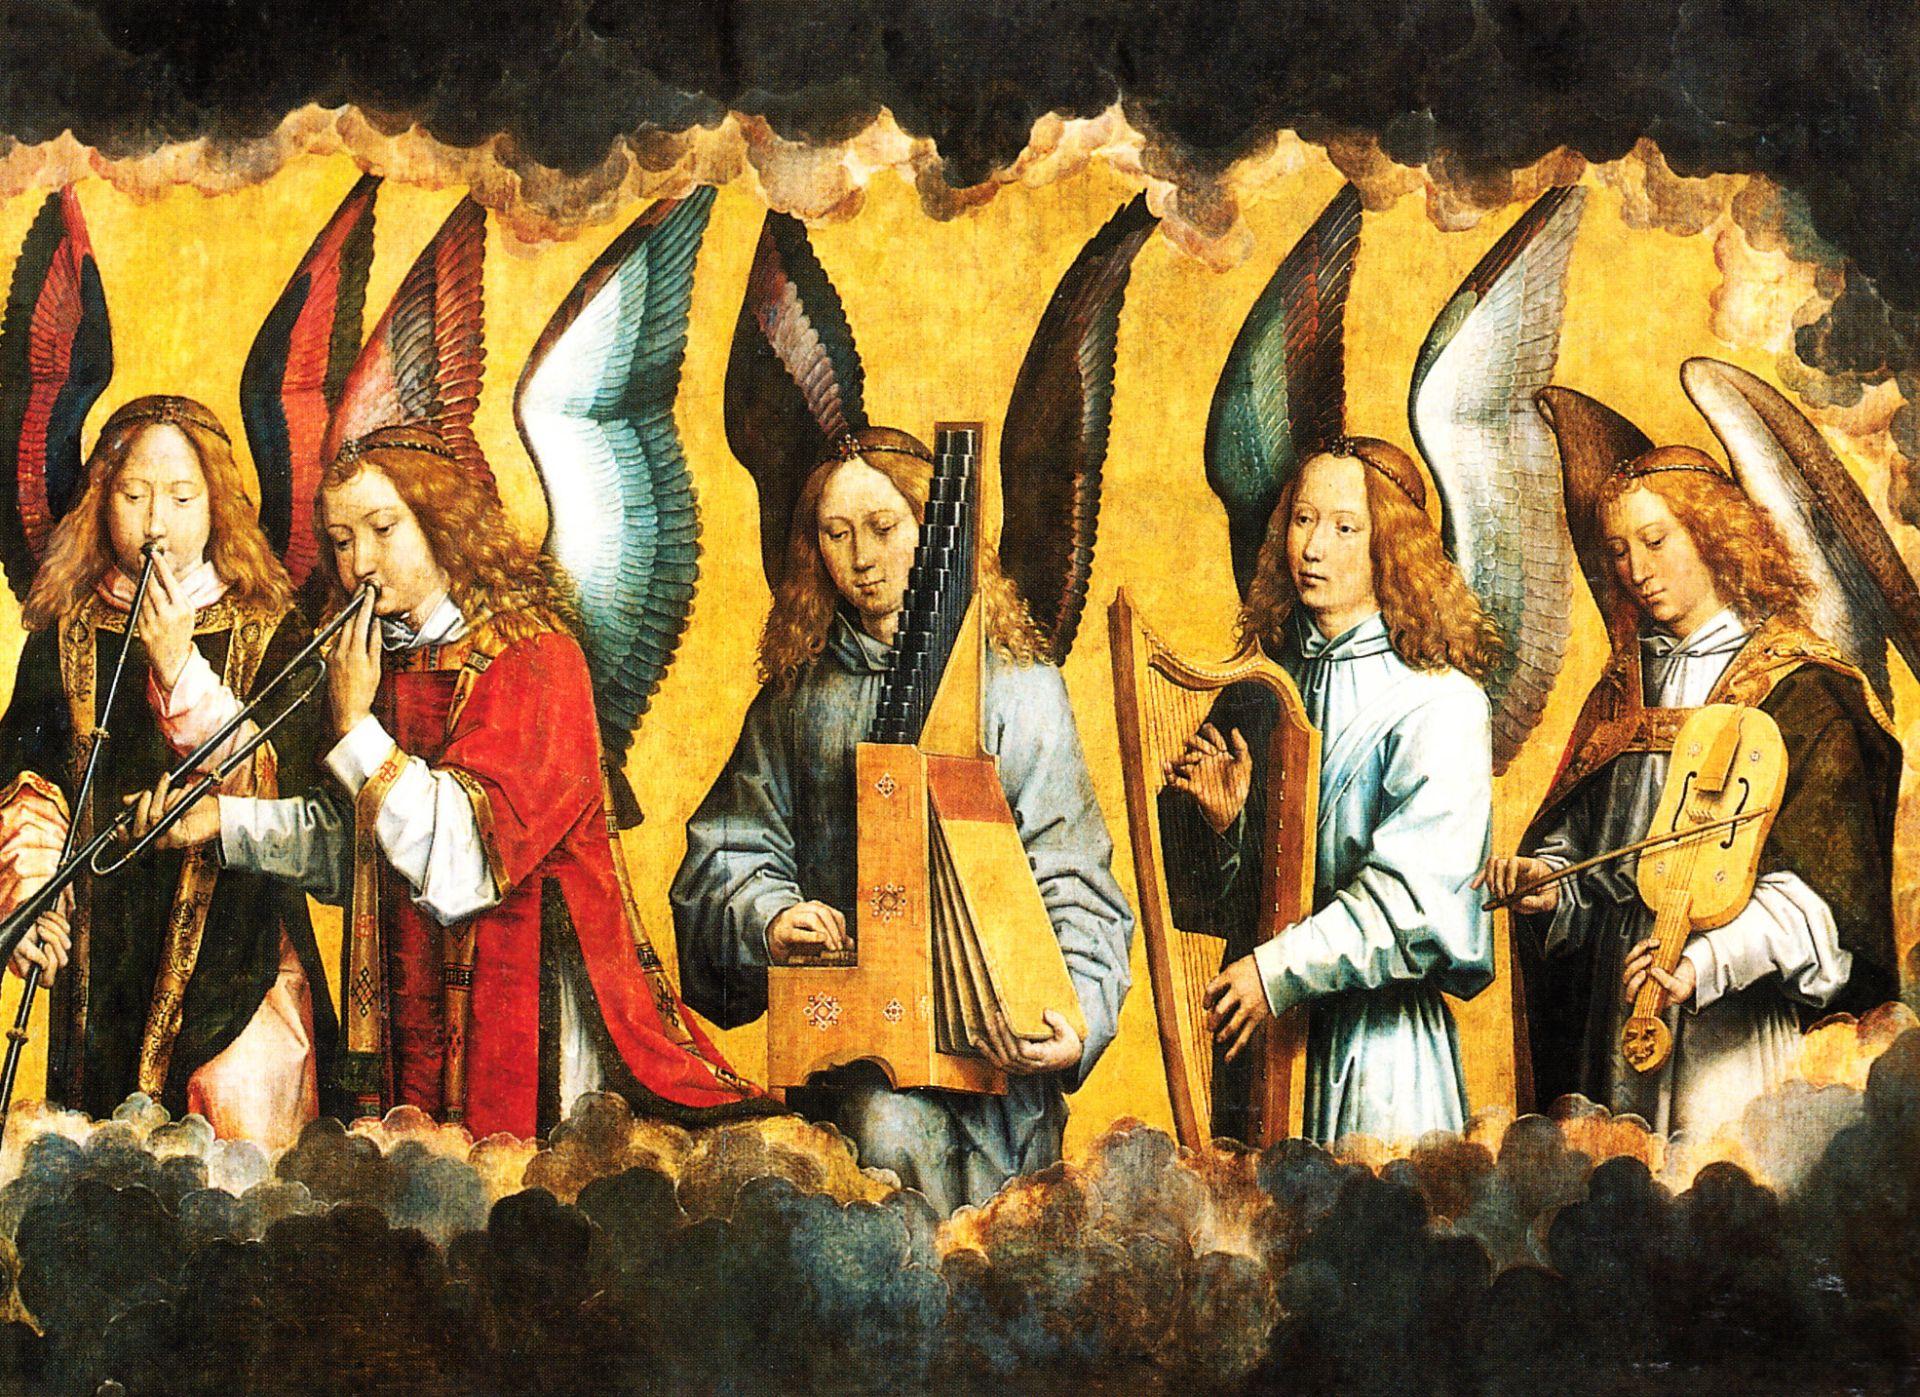 Le chant liturgique - Découvrir la musique médiévale